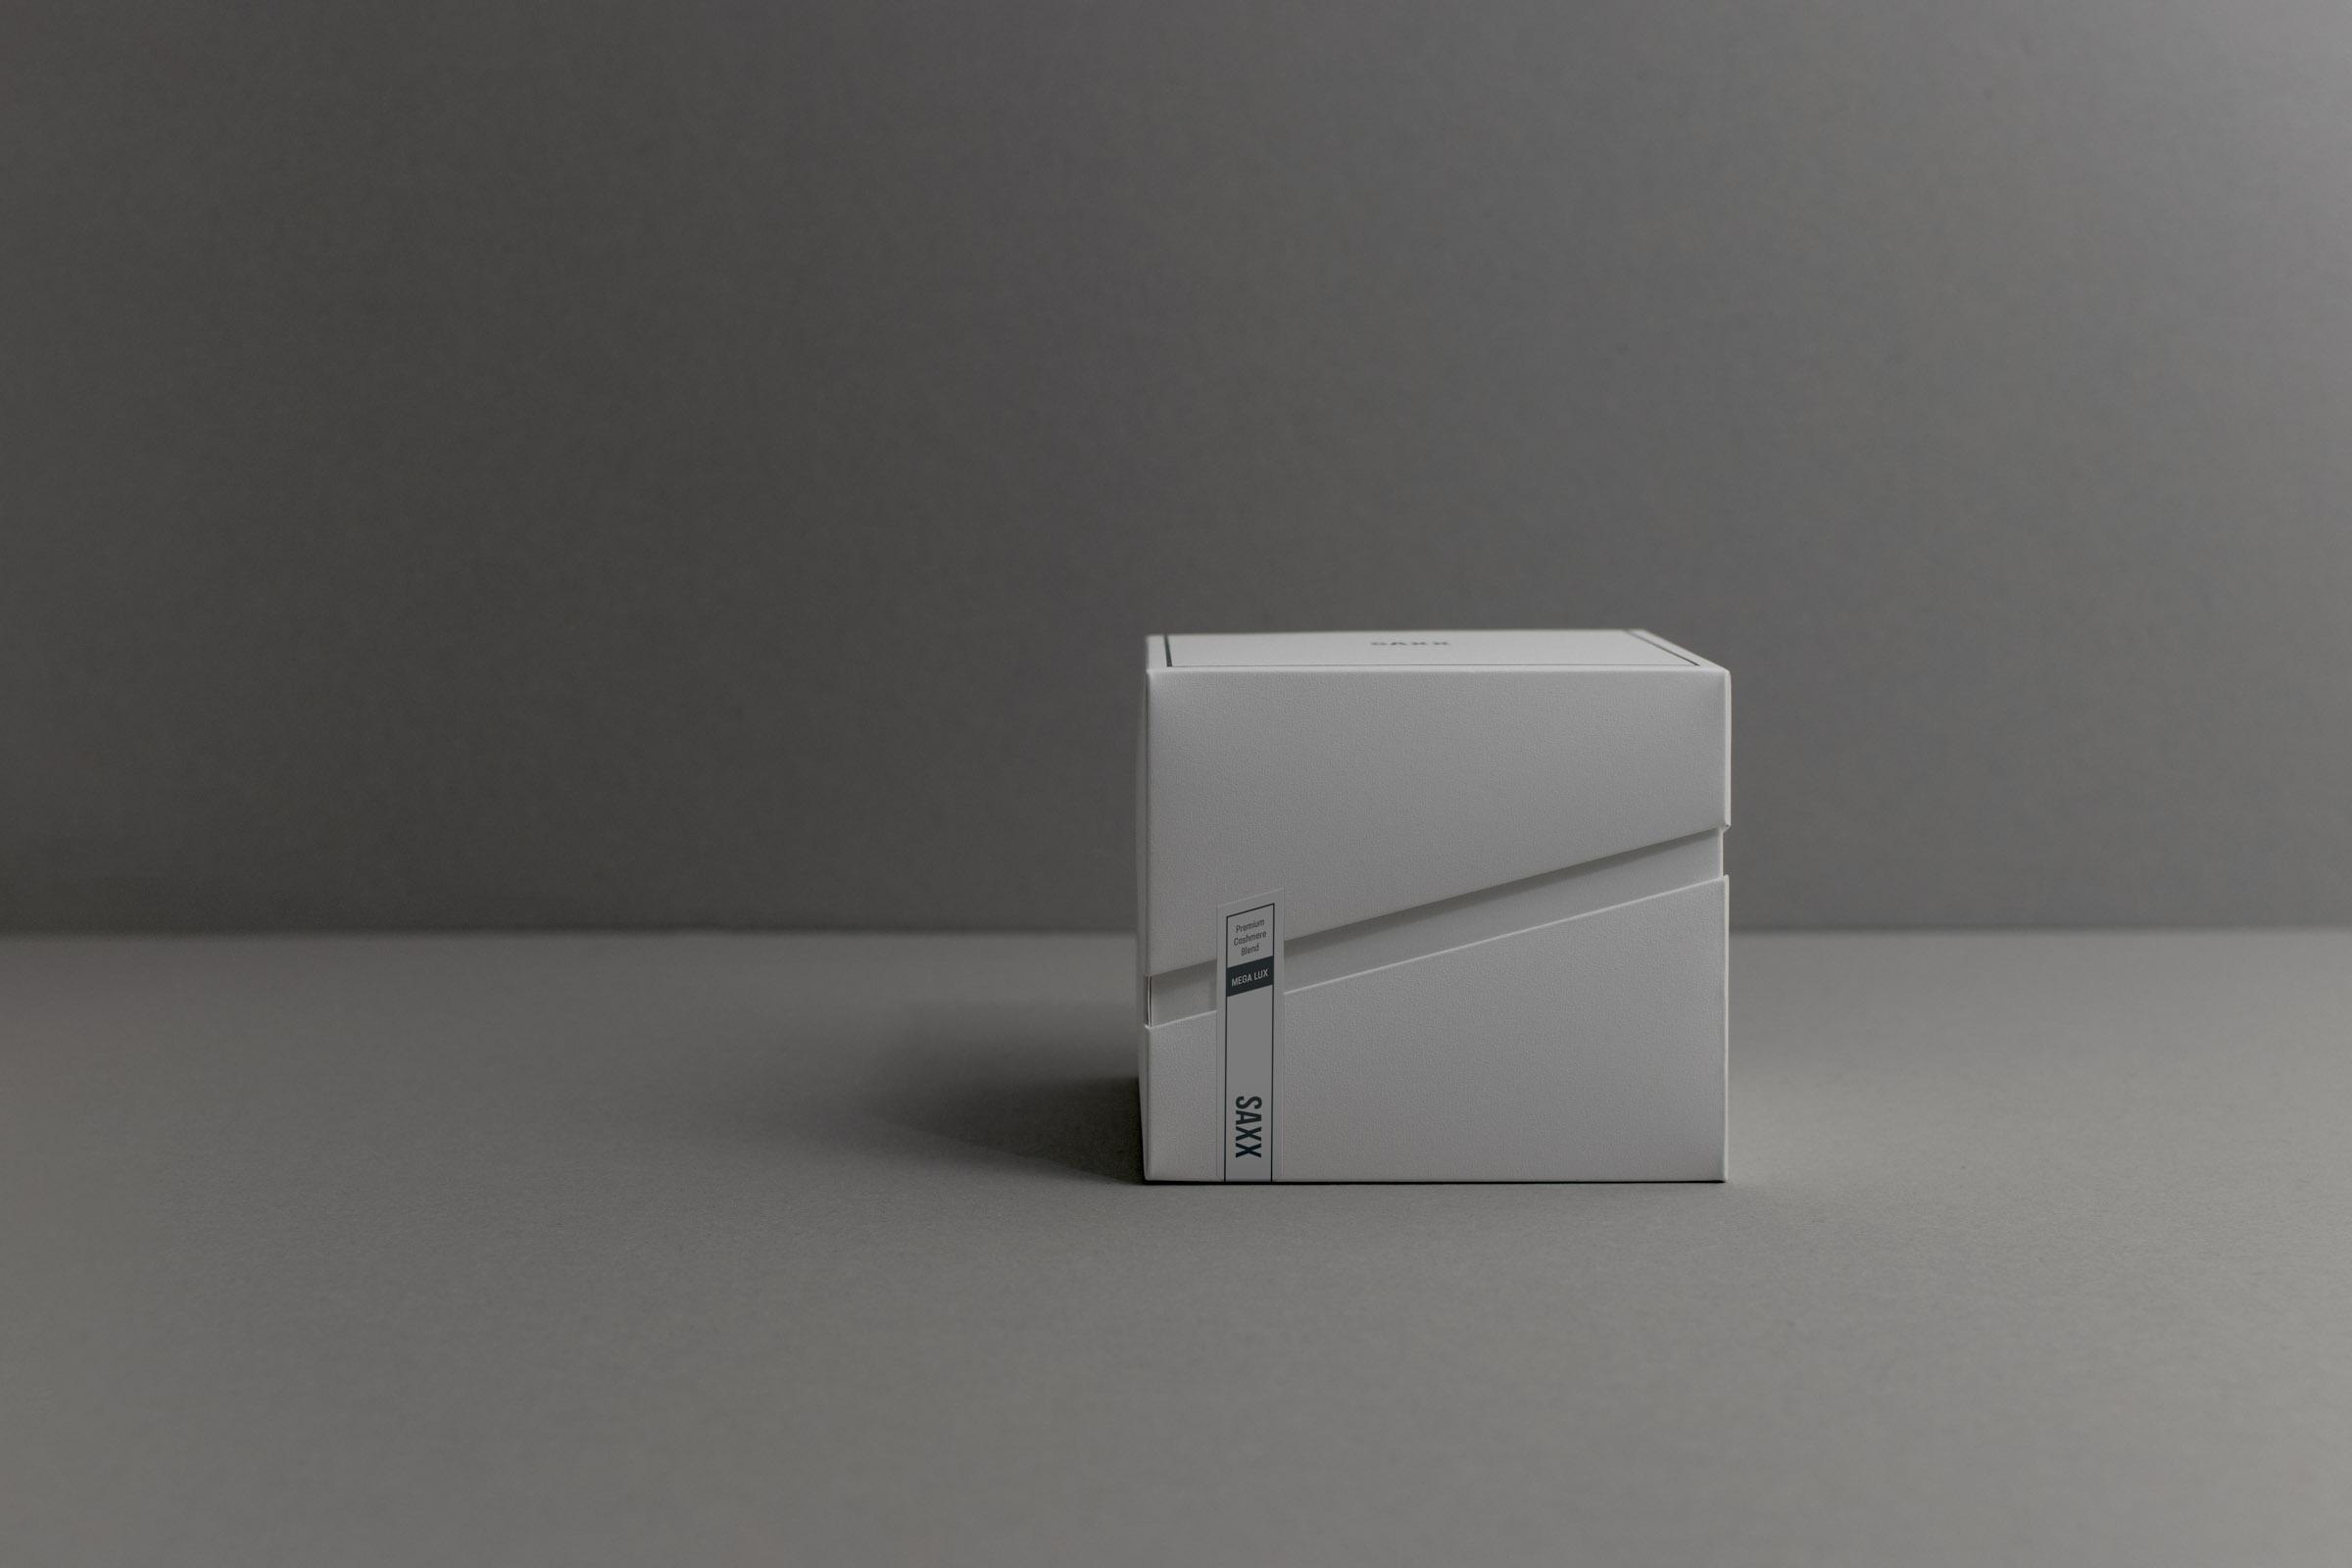 Packaging Design for Saxx Underwear's Luxurious Line